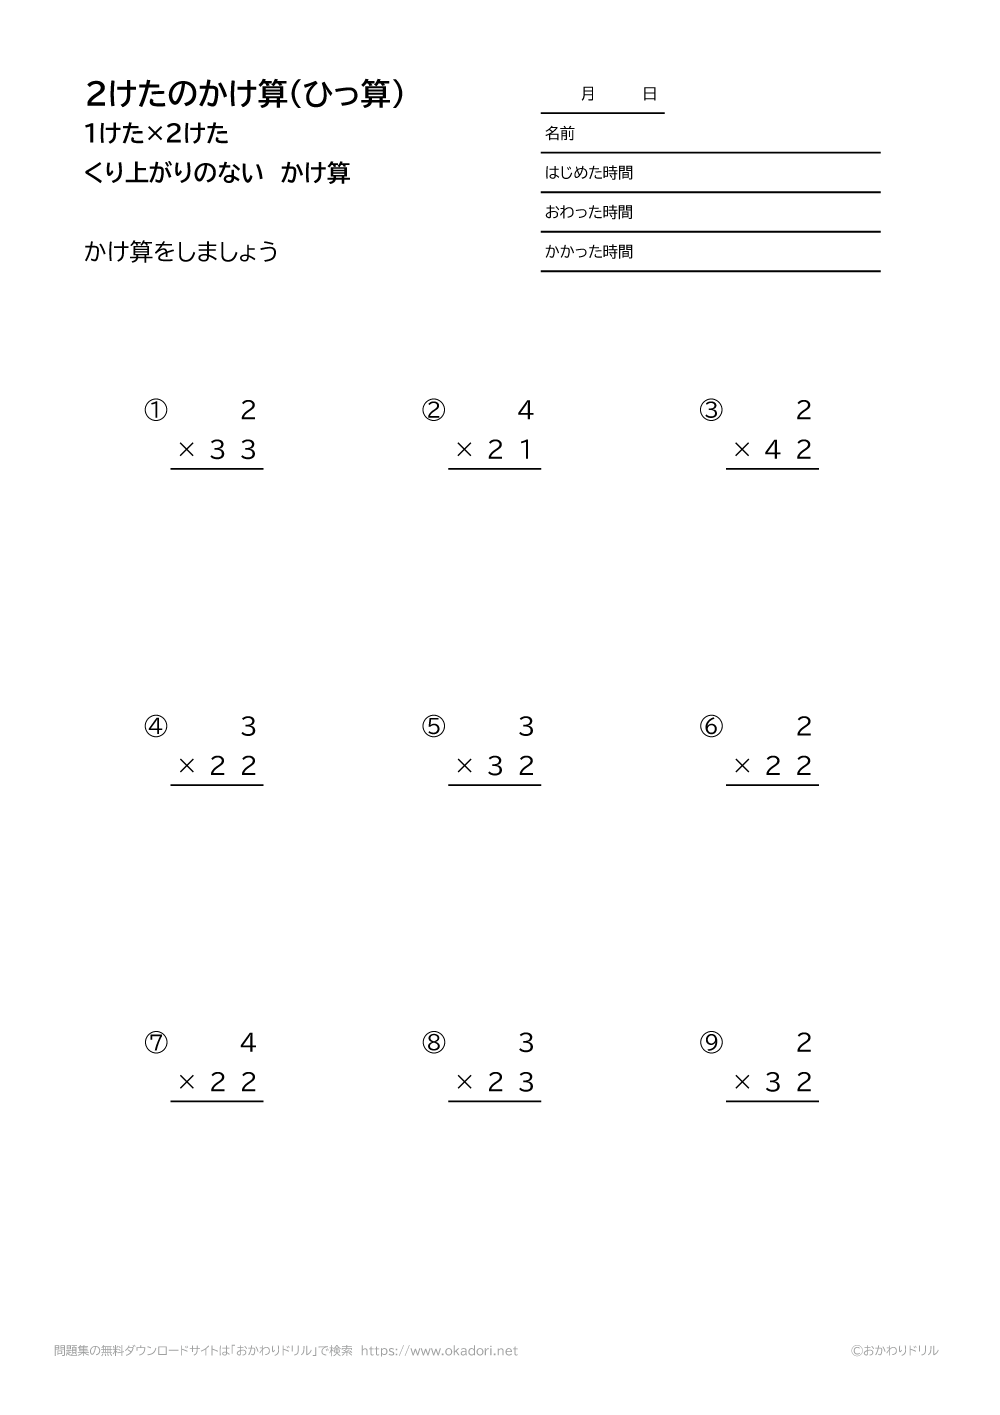 1桁×2桁の繰り上がりの無い掛け算の筆算5